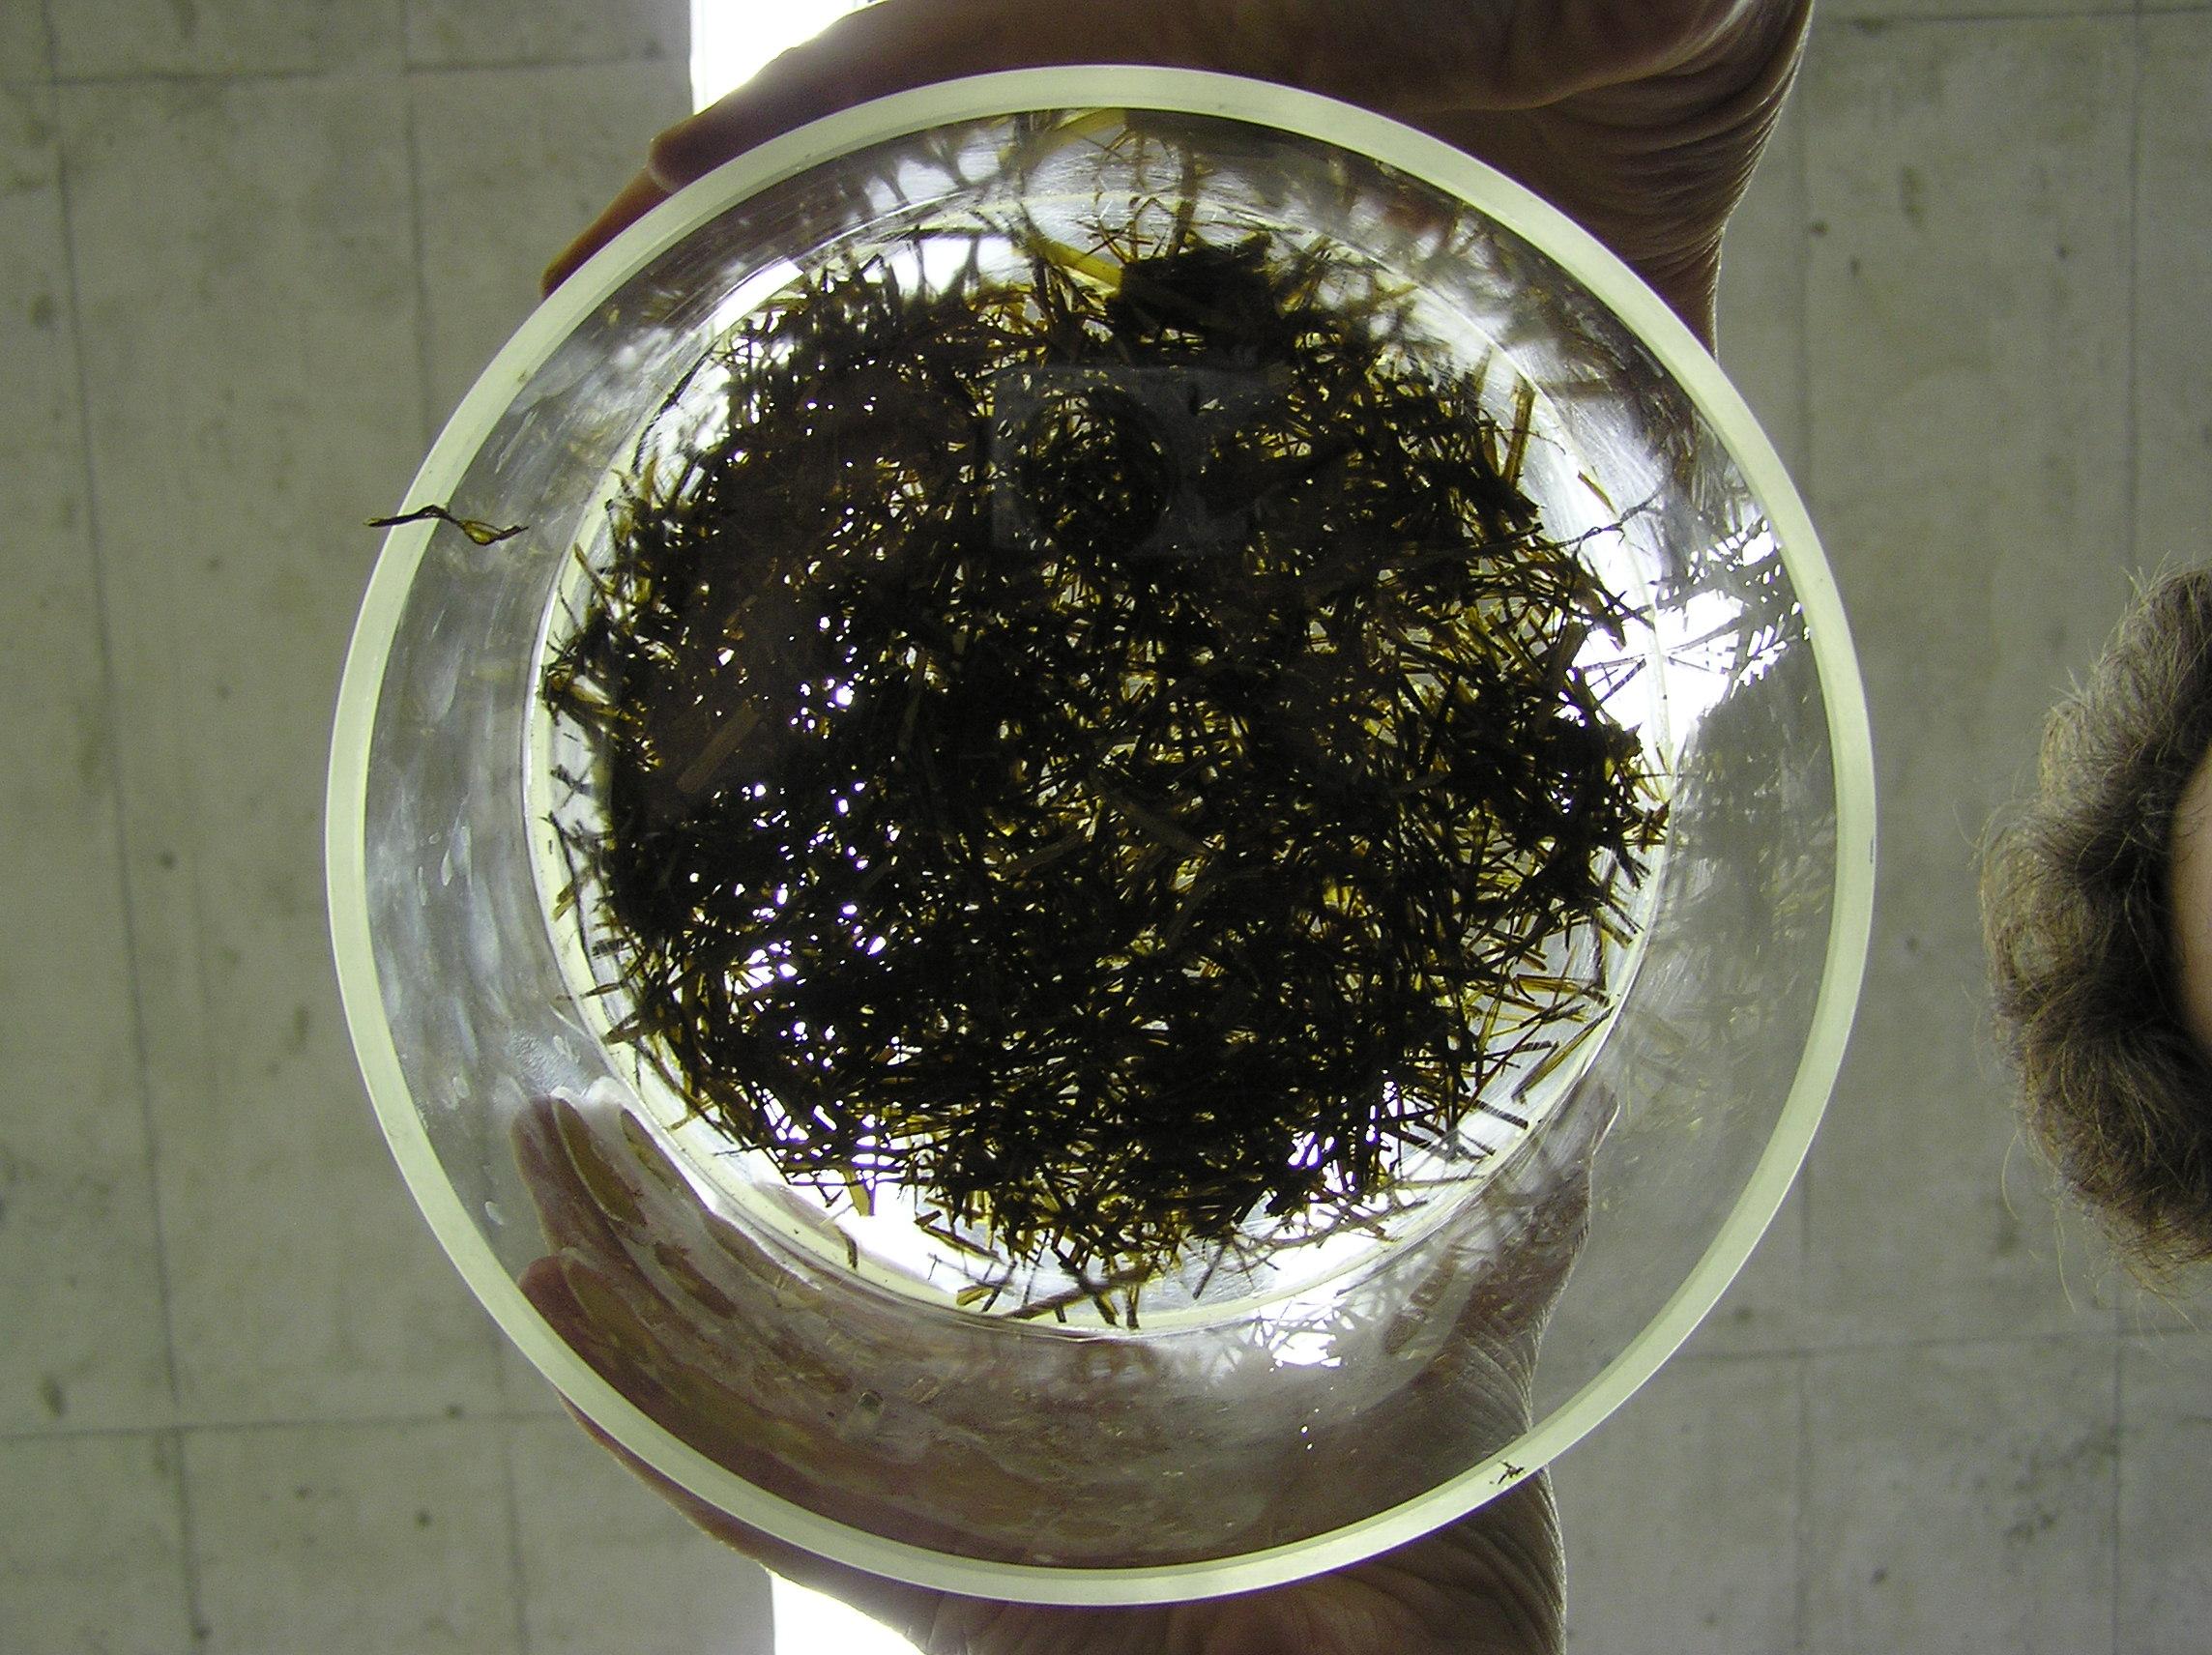 Farberfassung zur Bestimmung der Grashäcksellänge und des Anteils der gecrackten Maiskörner